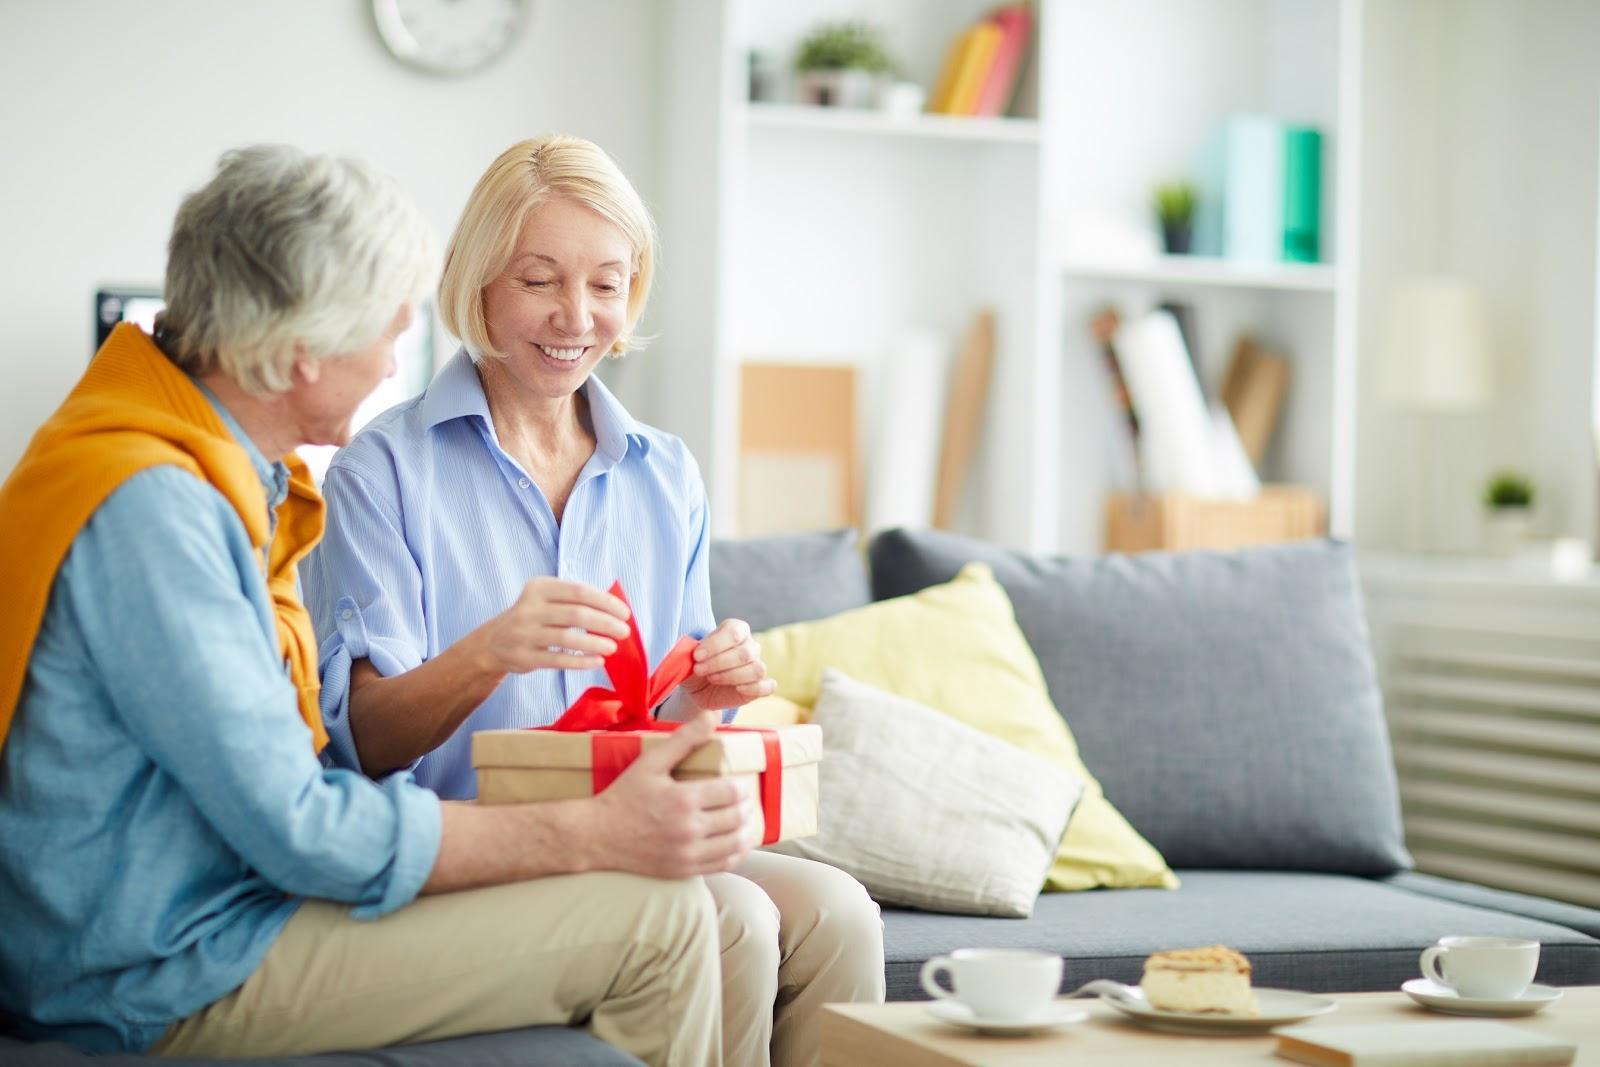 cadouri cuplu, cadouri familie, cadouri nunta, cadouri ocazii speciale, cadouri zi nastere